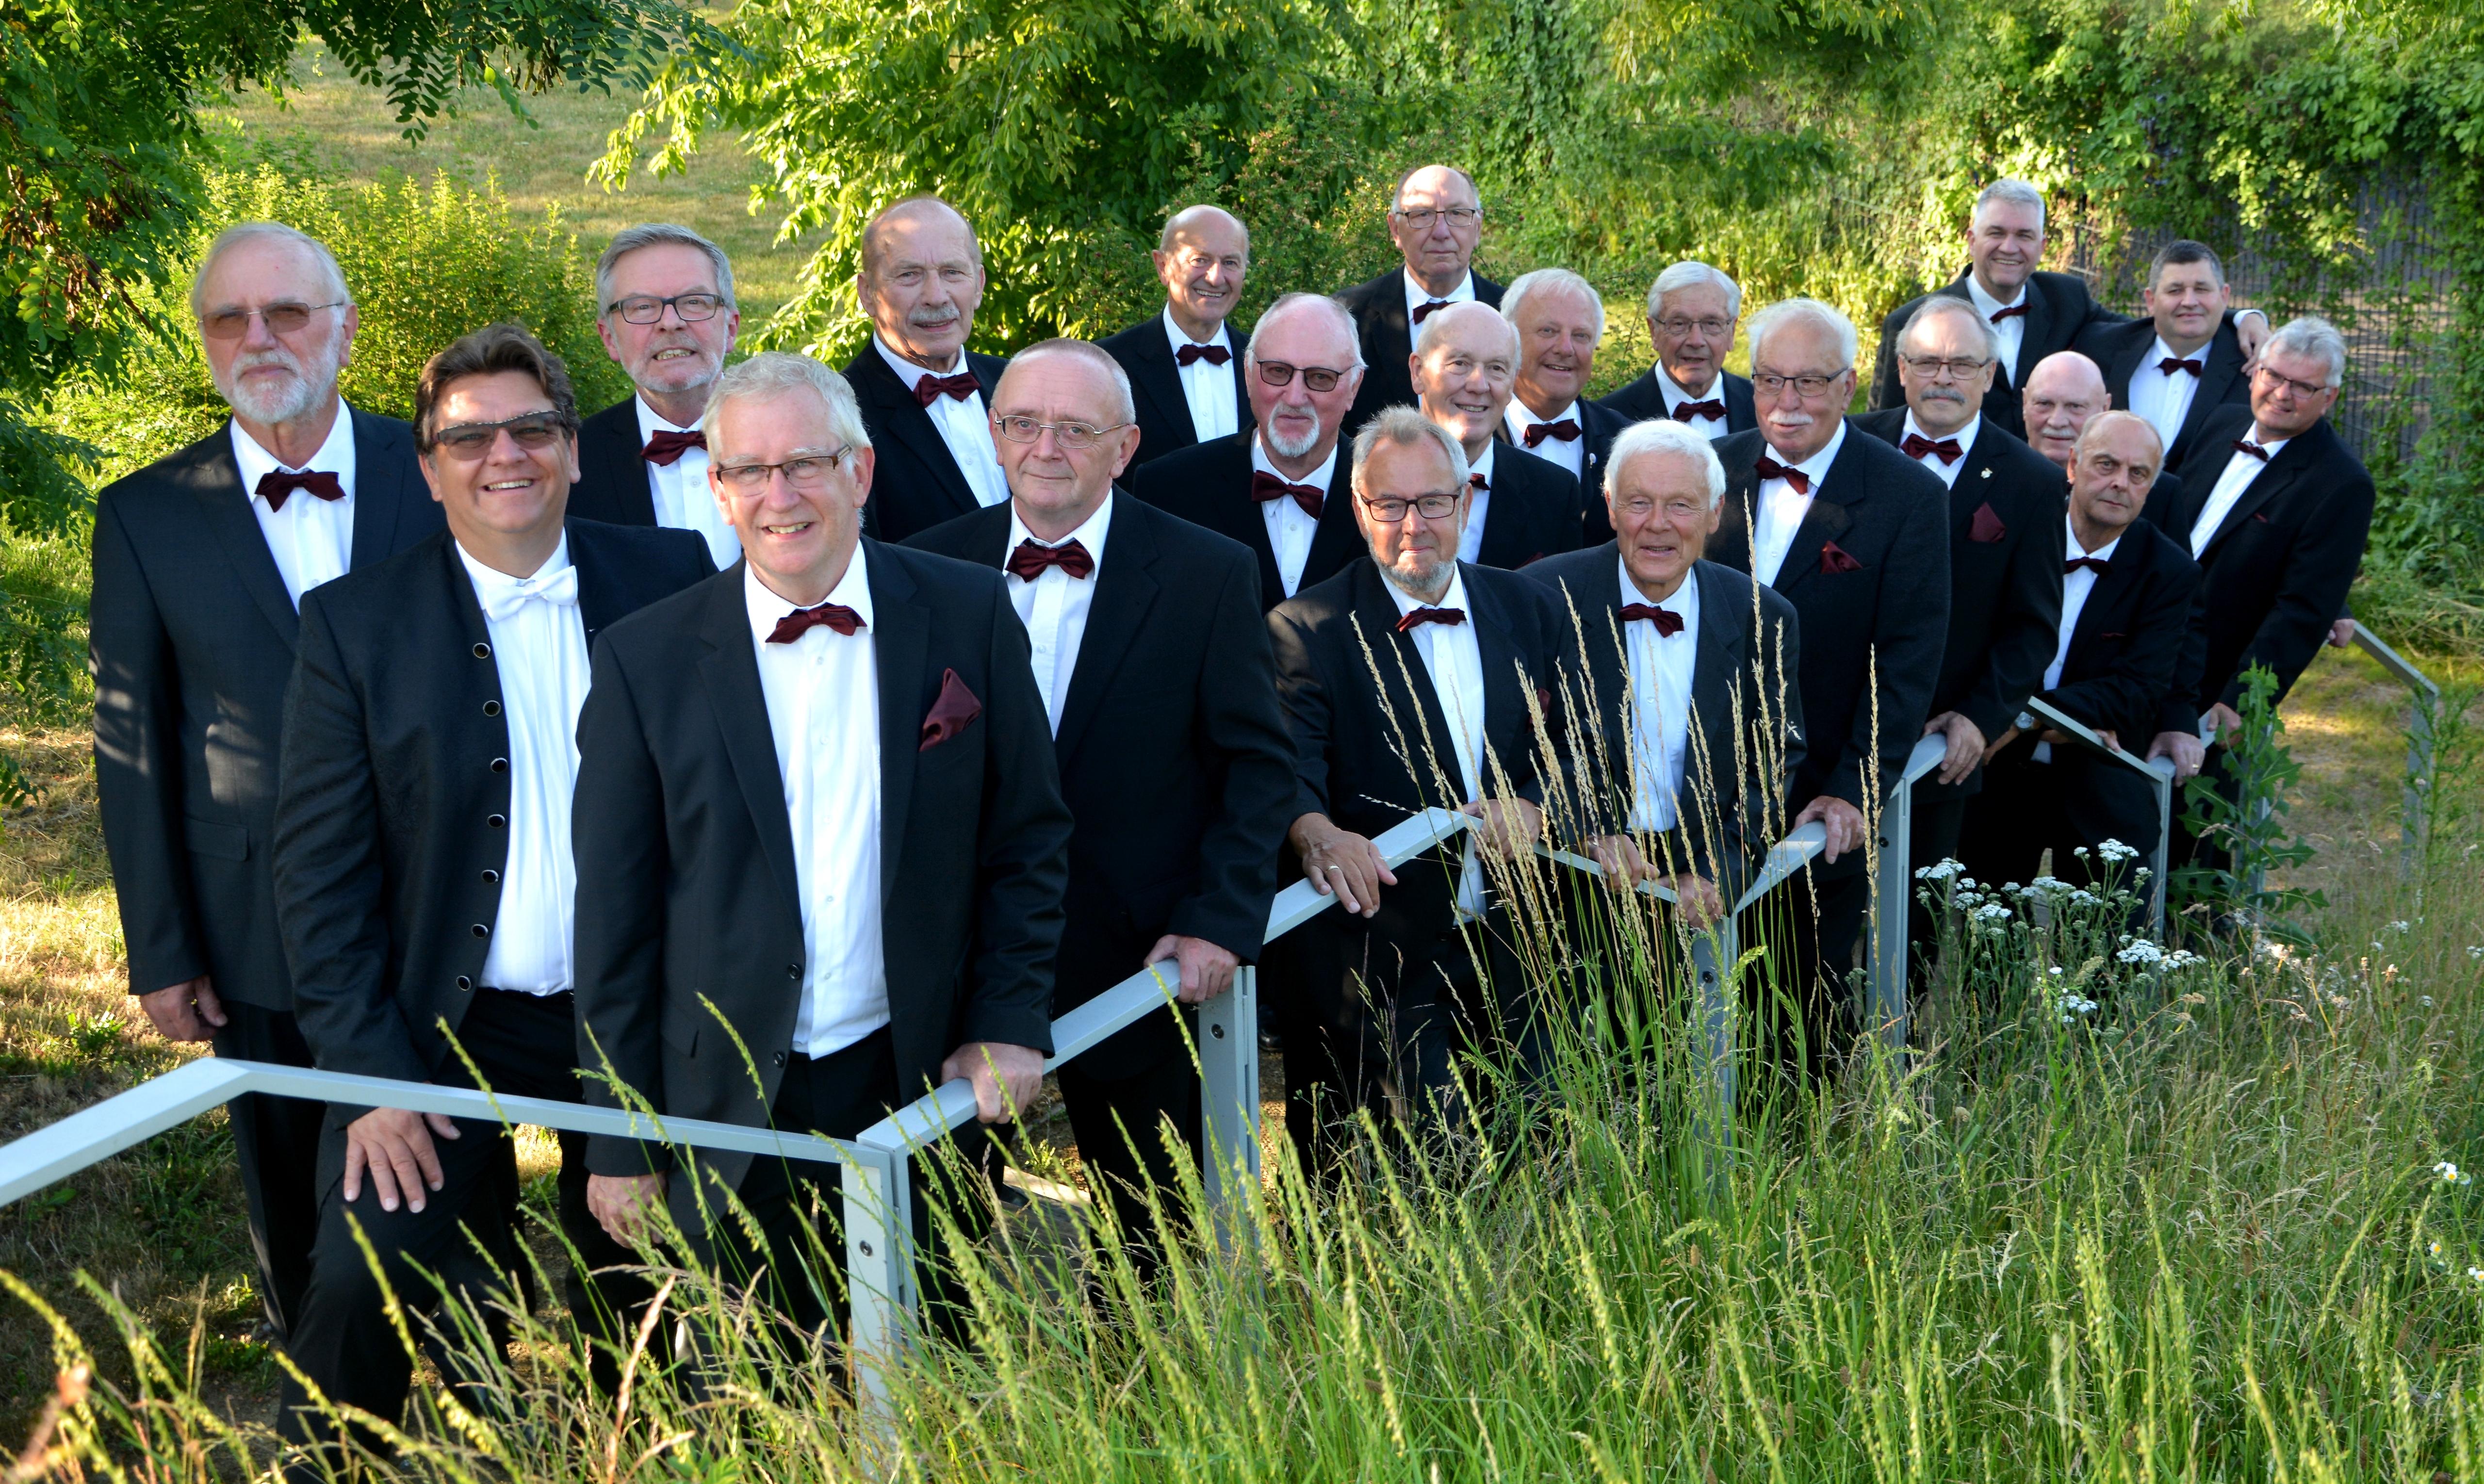 Der Männerchor im Jahre 2010.